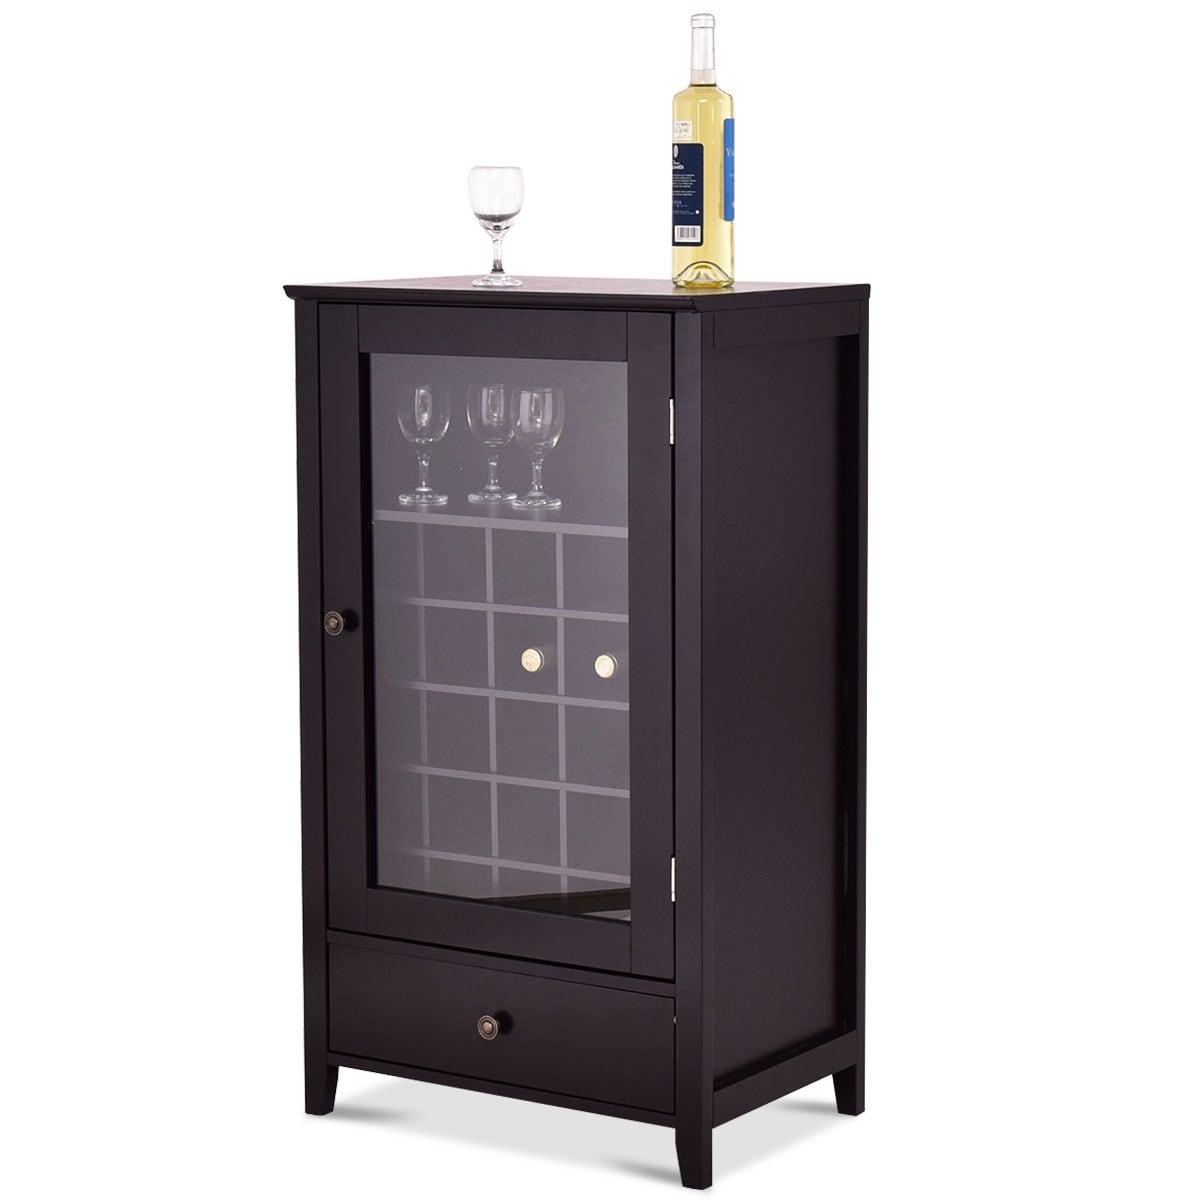 Buy Modern U0026 Contemporary Wine Racks Online At Overstock   Our Best Kitchen  Storage Deals